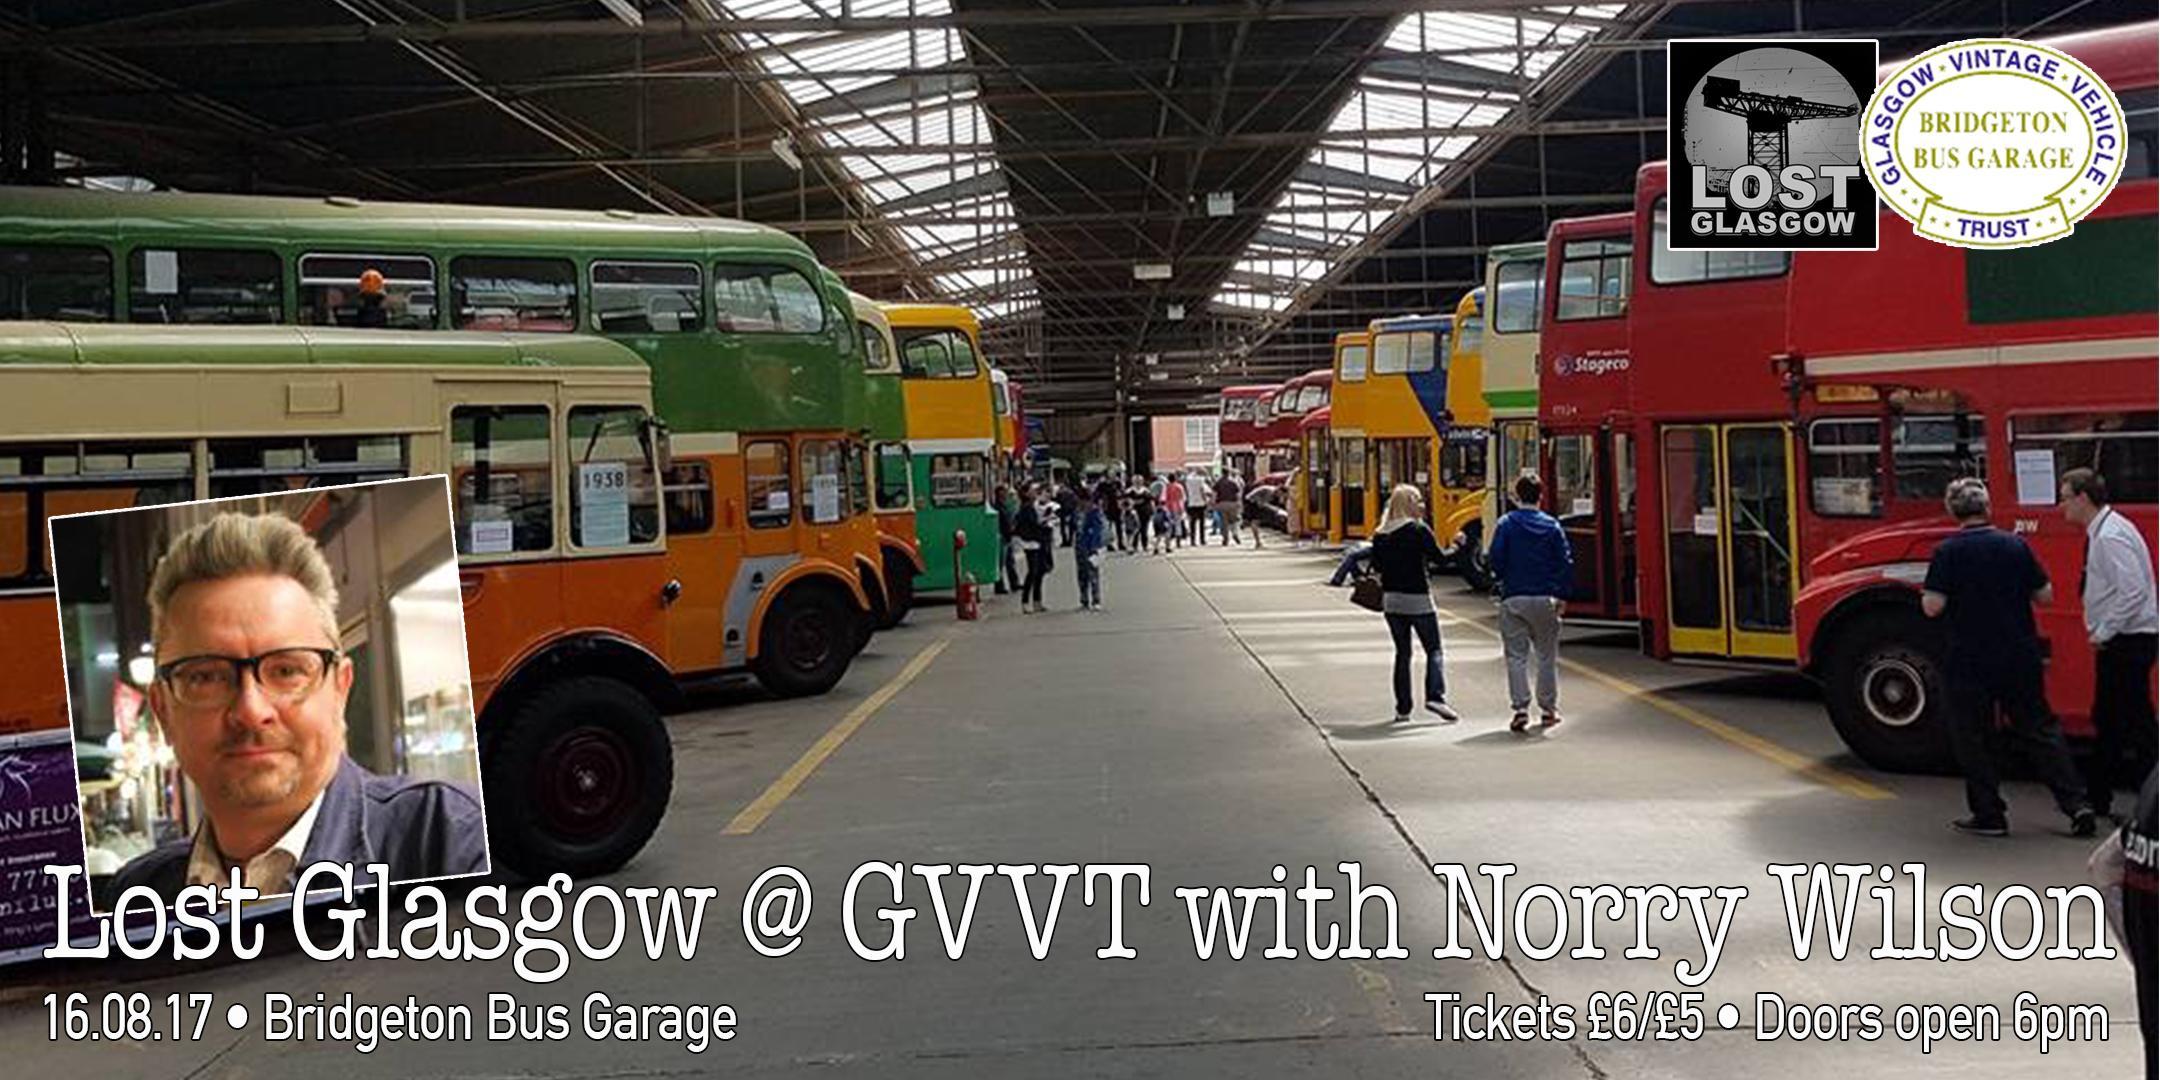 Lost Glasgow @ GVVT